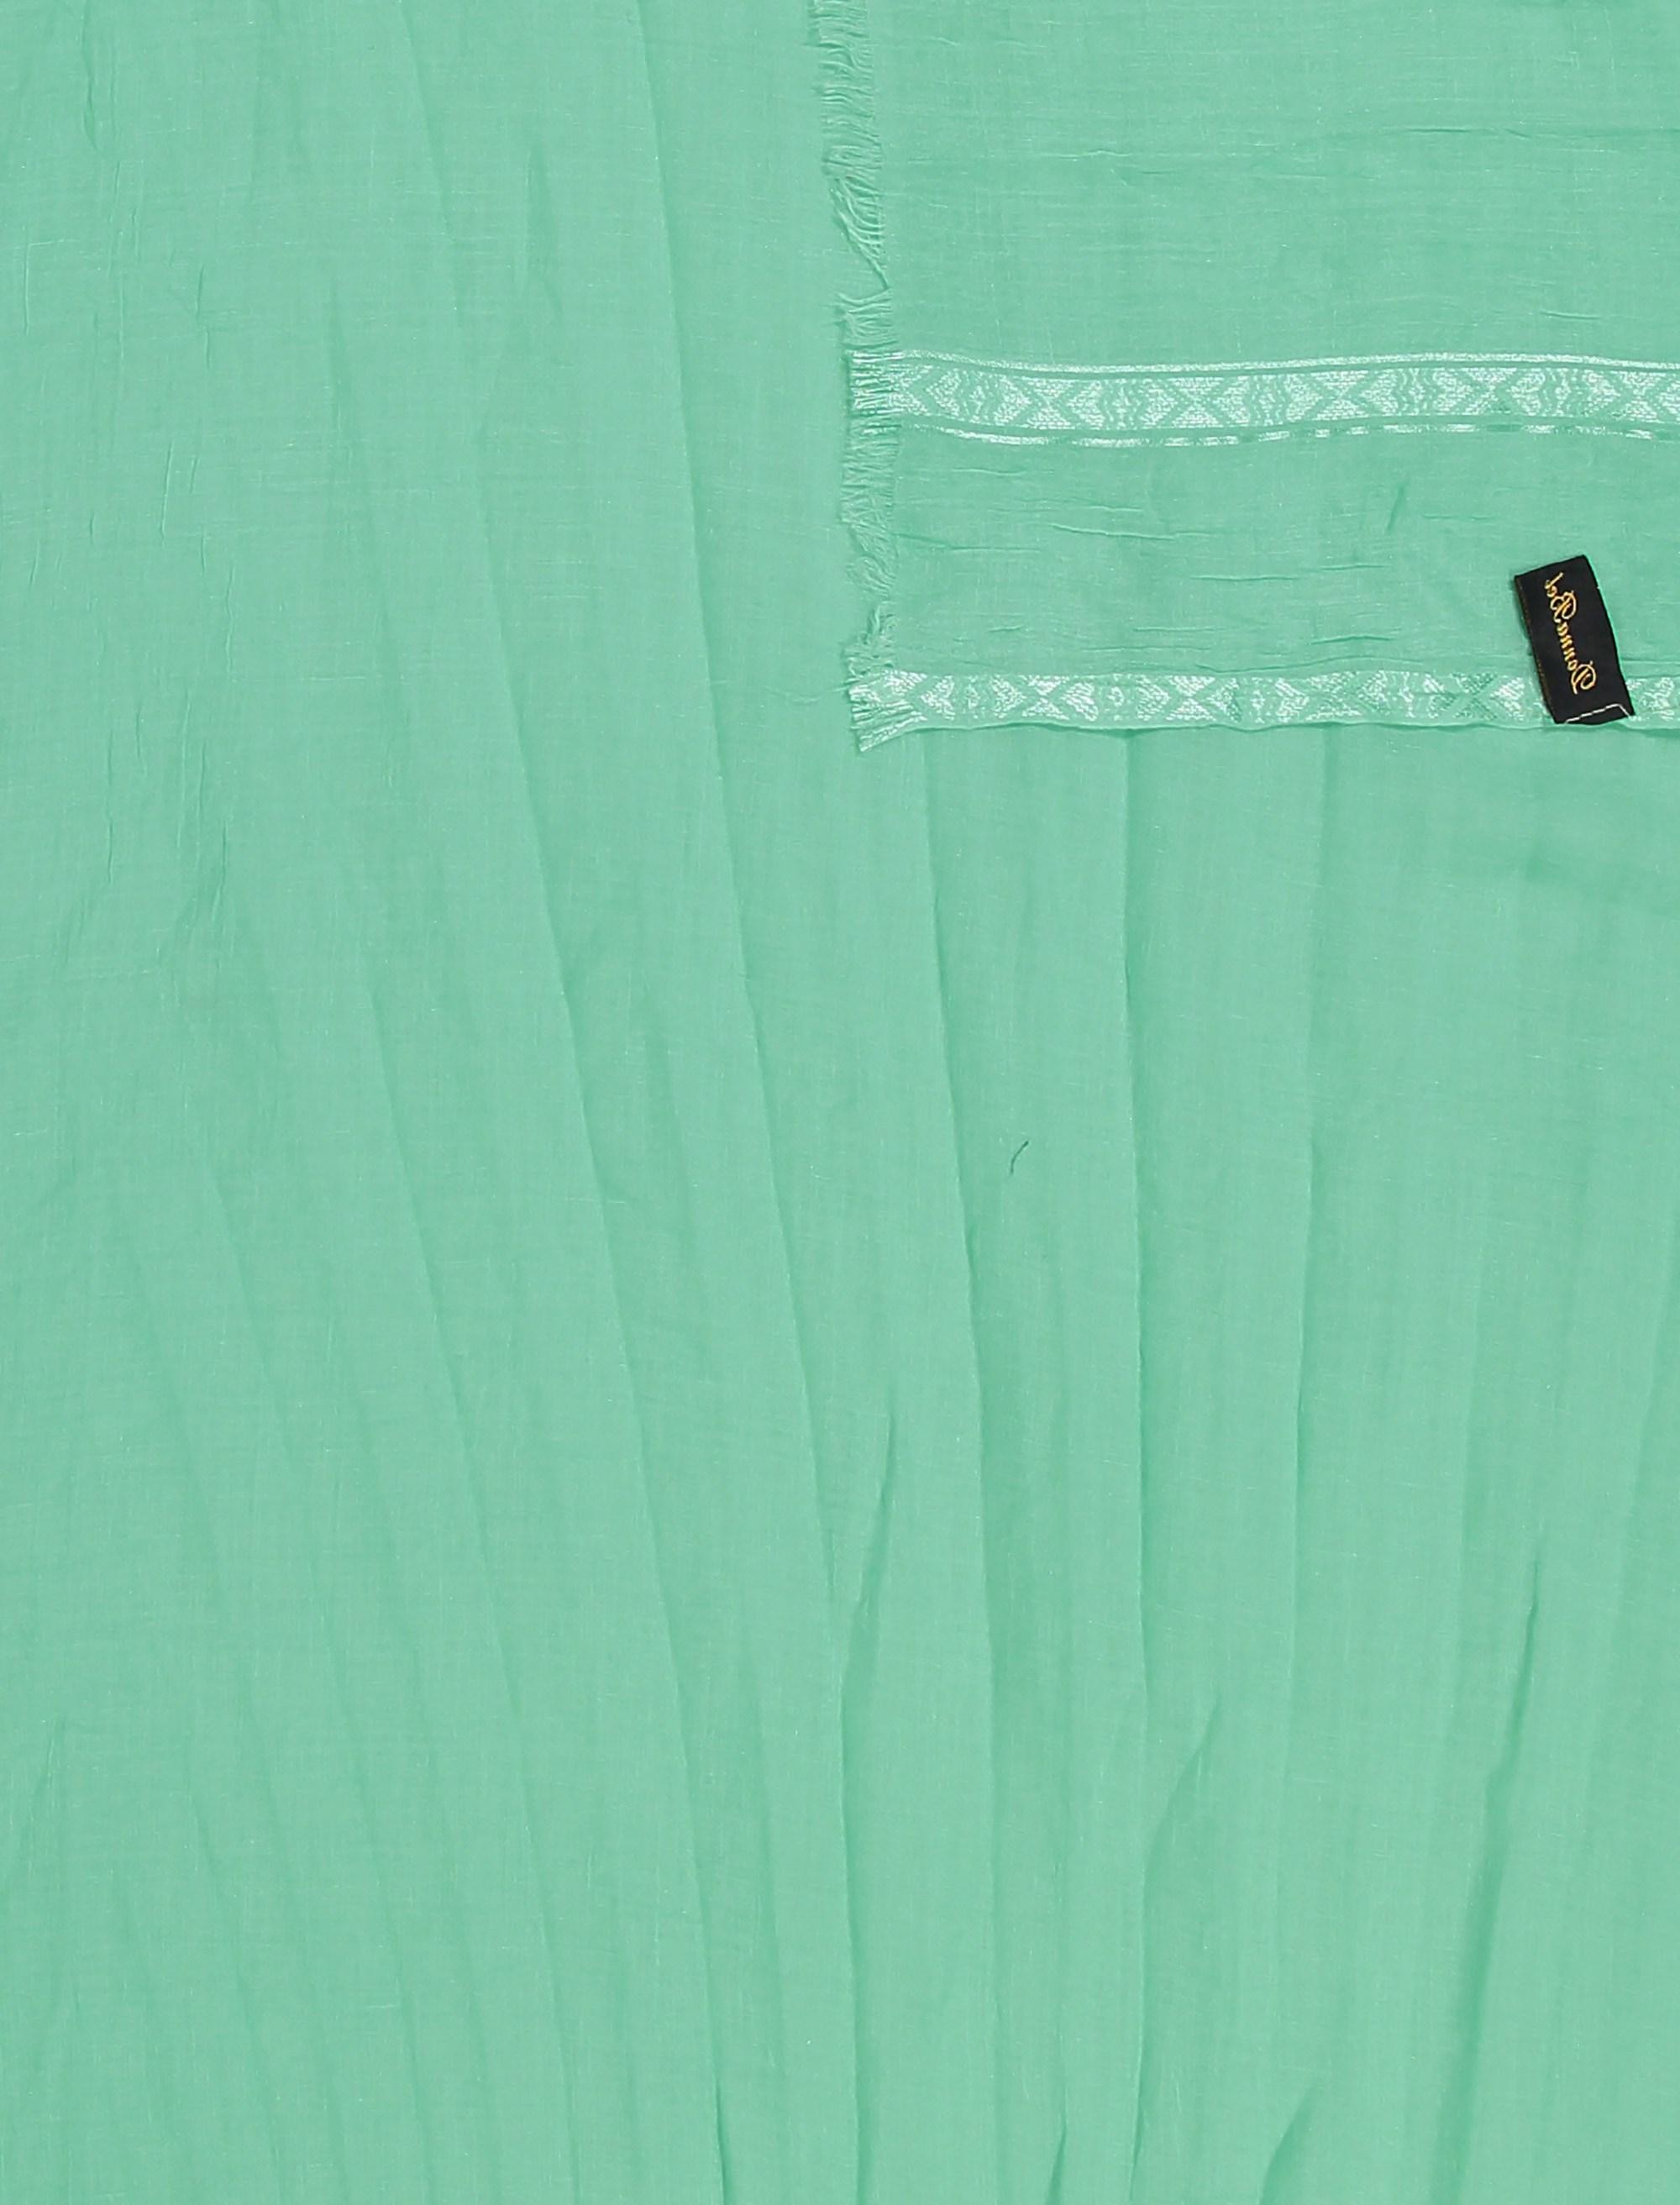 شال ساده زنانه - دونابل - سبز  - 2